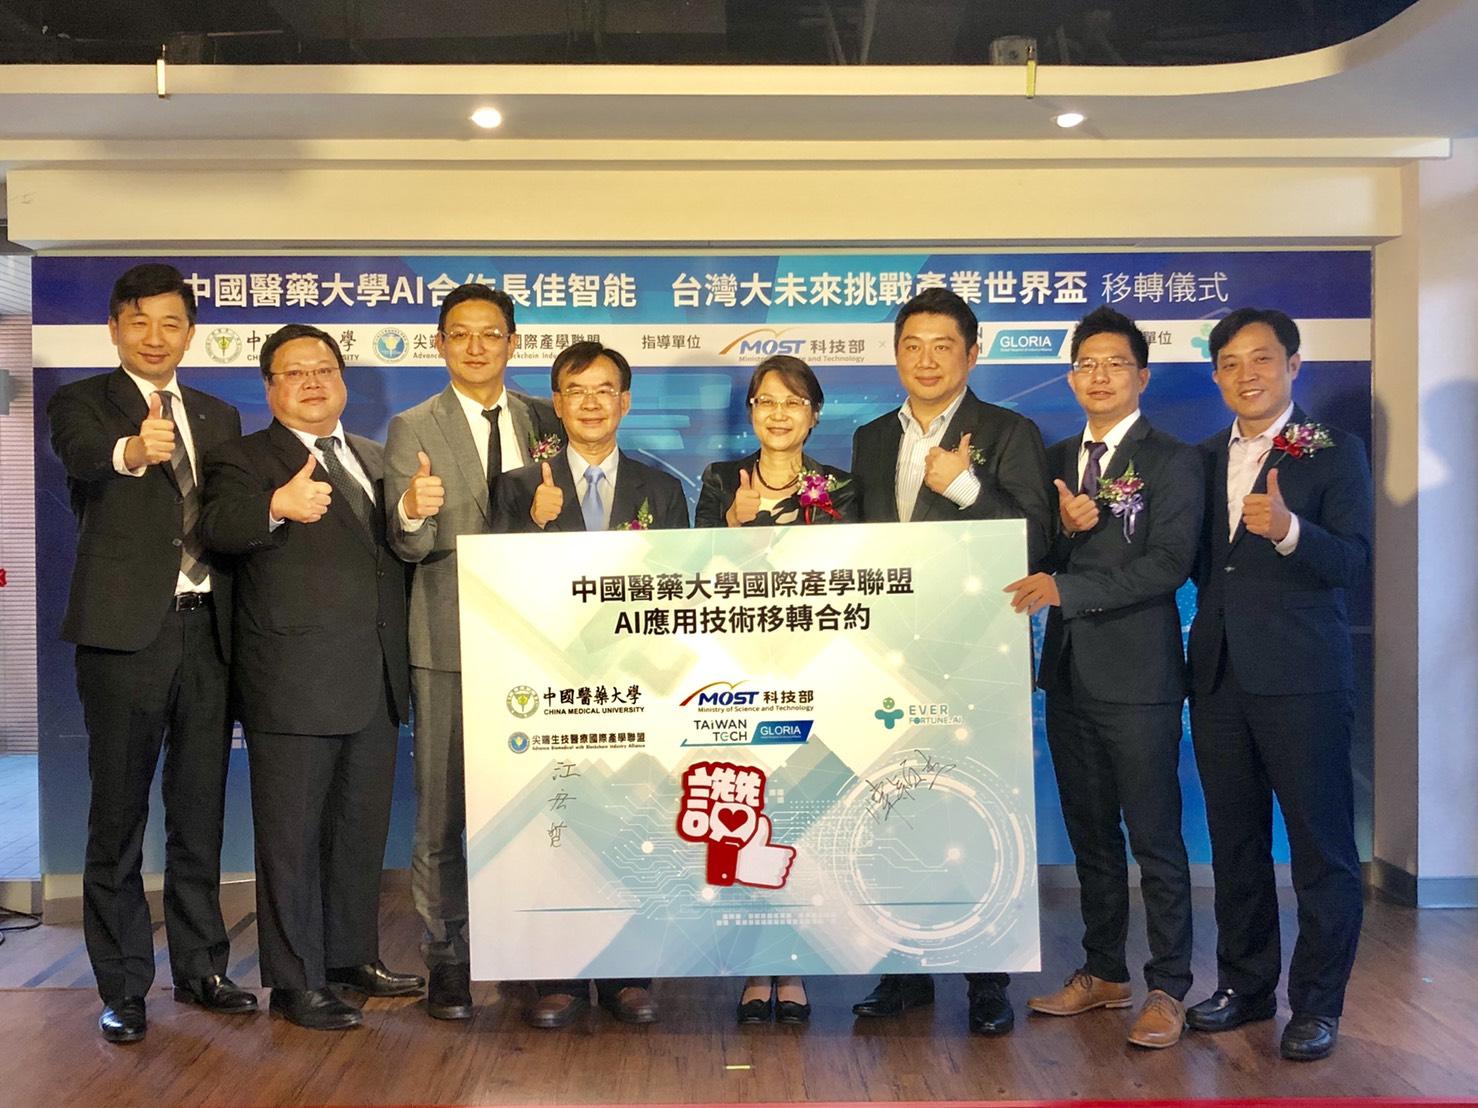 中國醫藥大學公開移轉AI醫療技術予長佳智能醫療AI公司